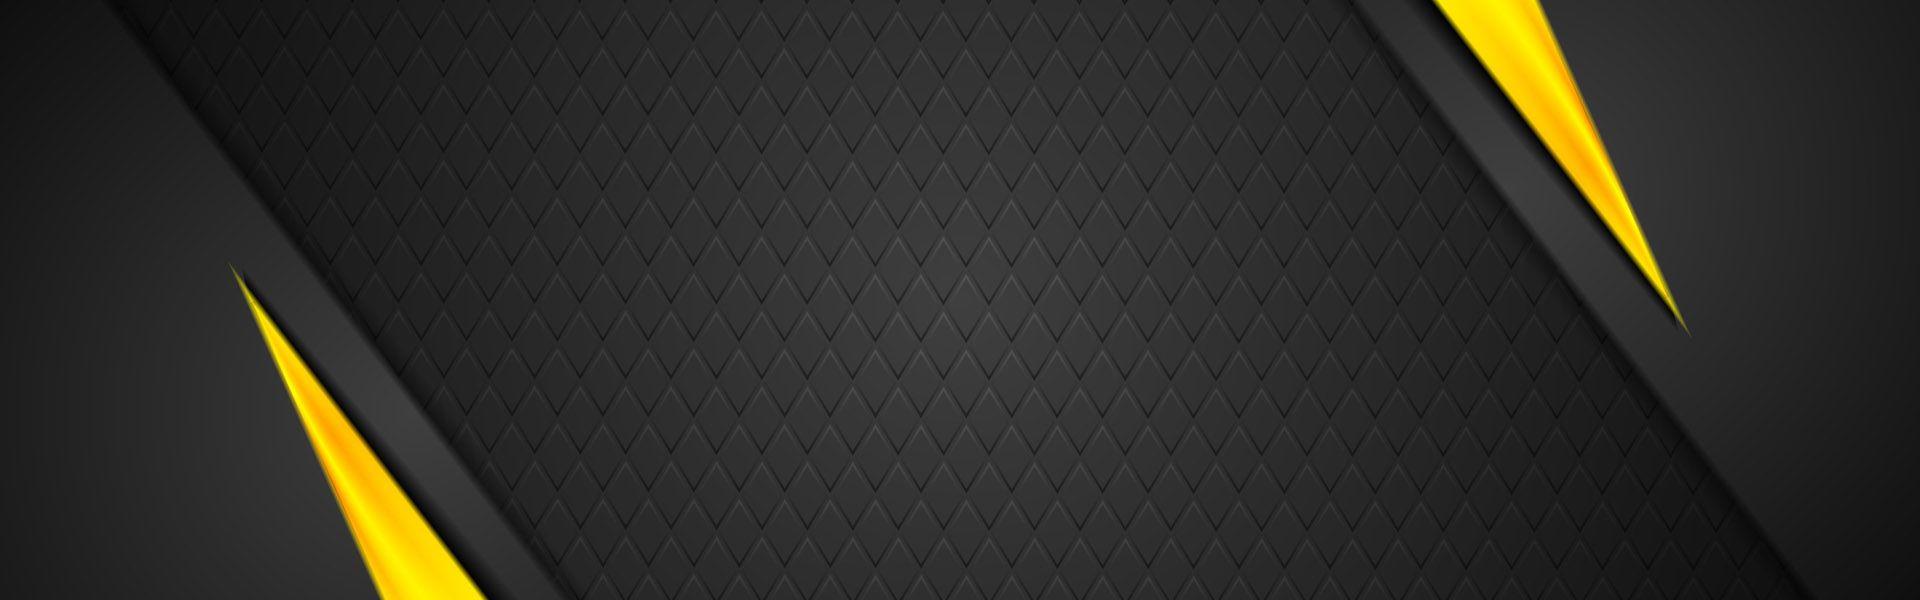 Banner Dark Background Hd